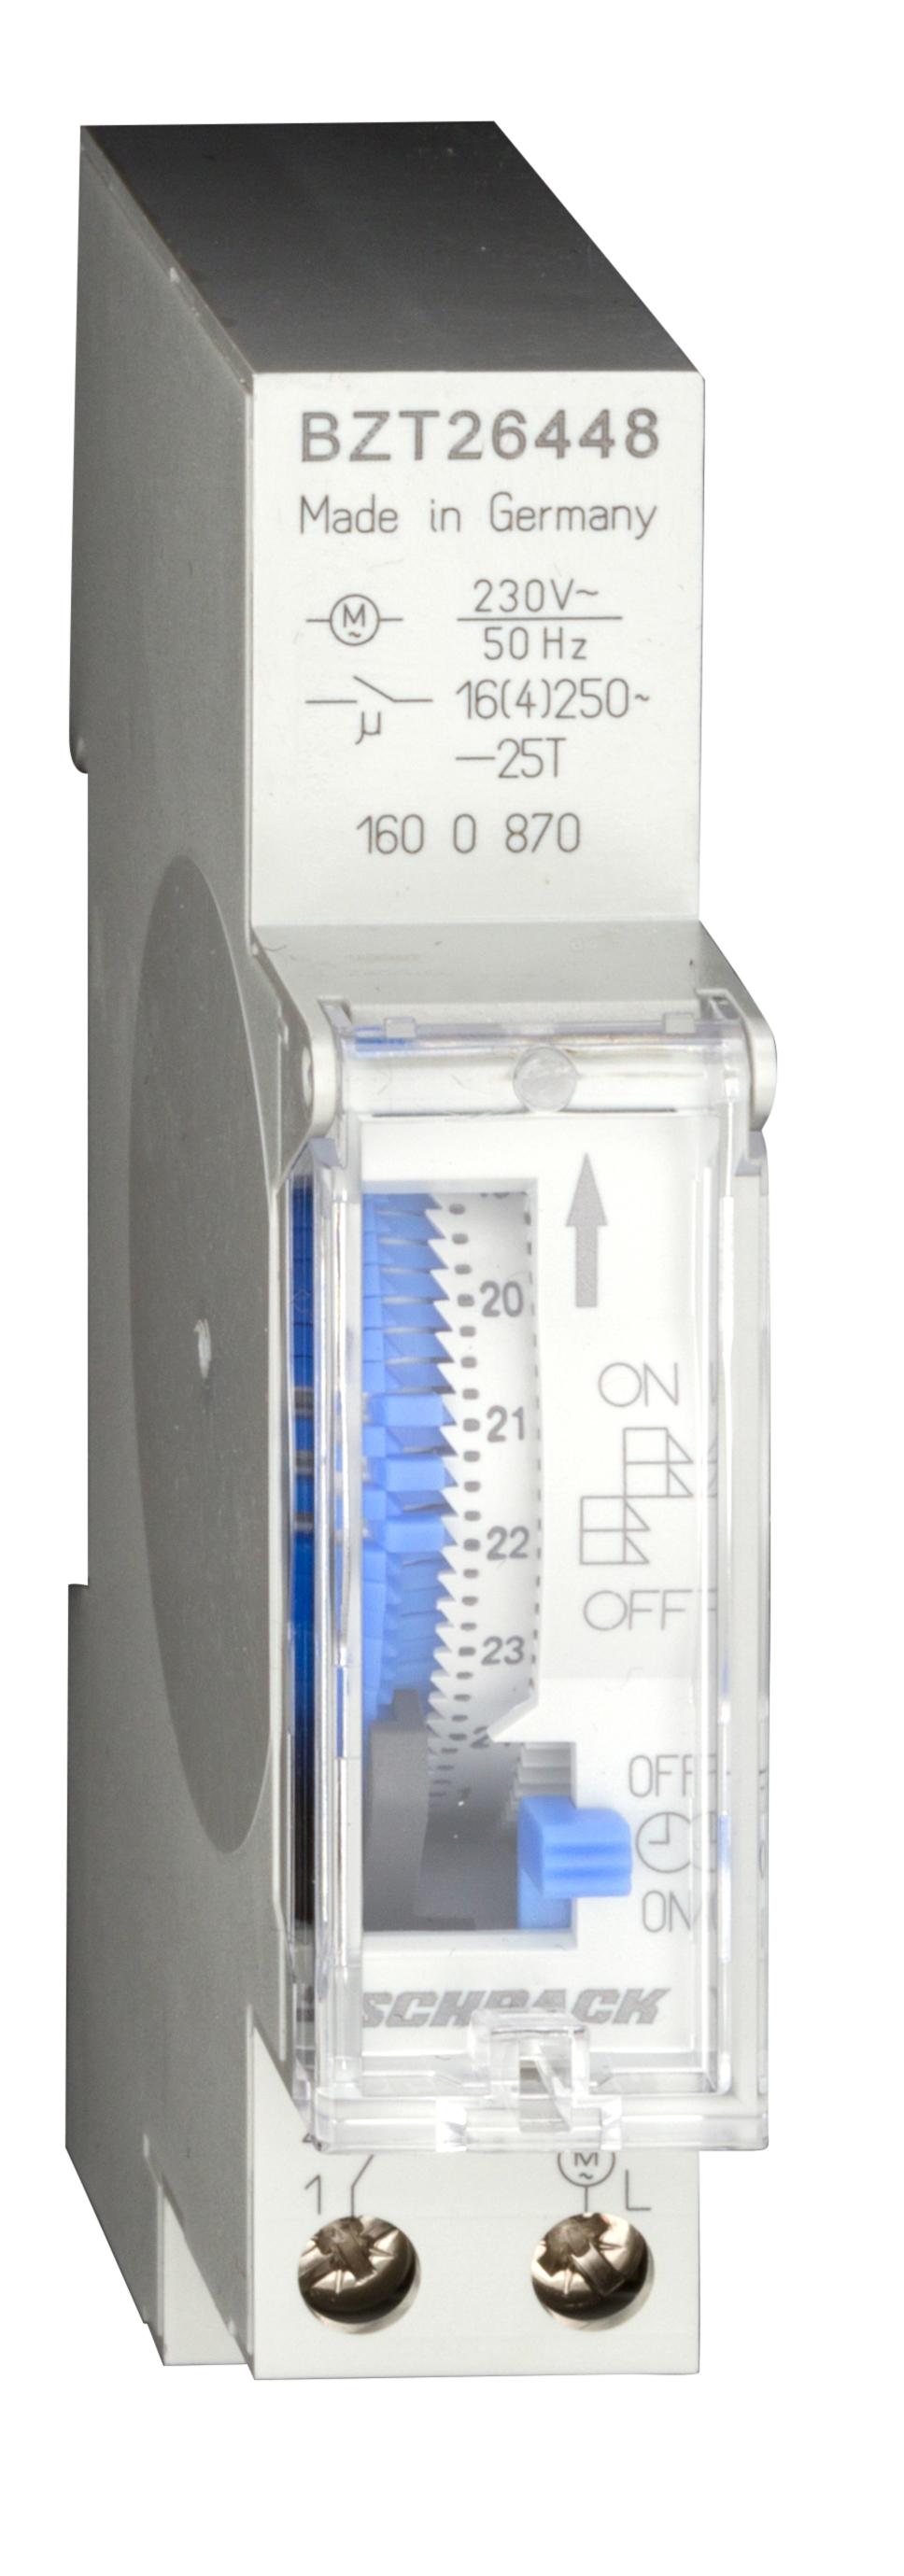 Ceasuri programabile, comutatoare crepusculare14265